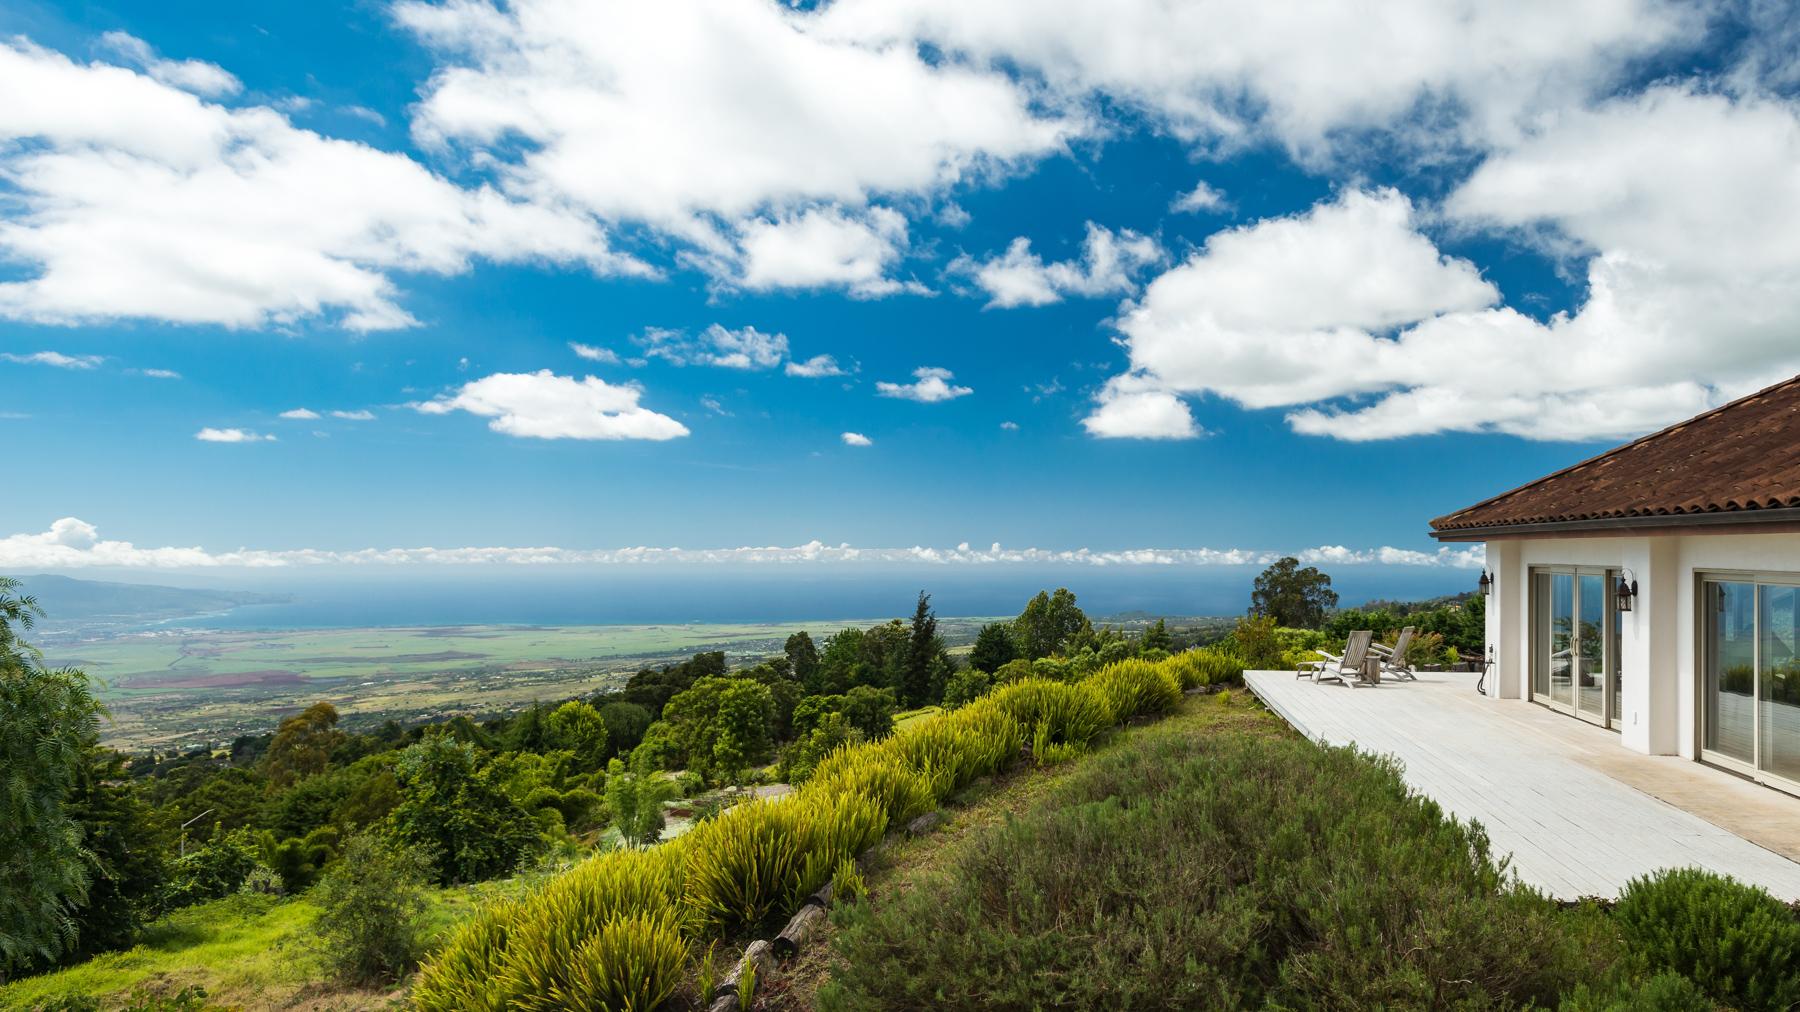 Kula Nani Views